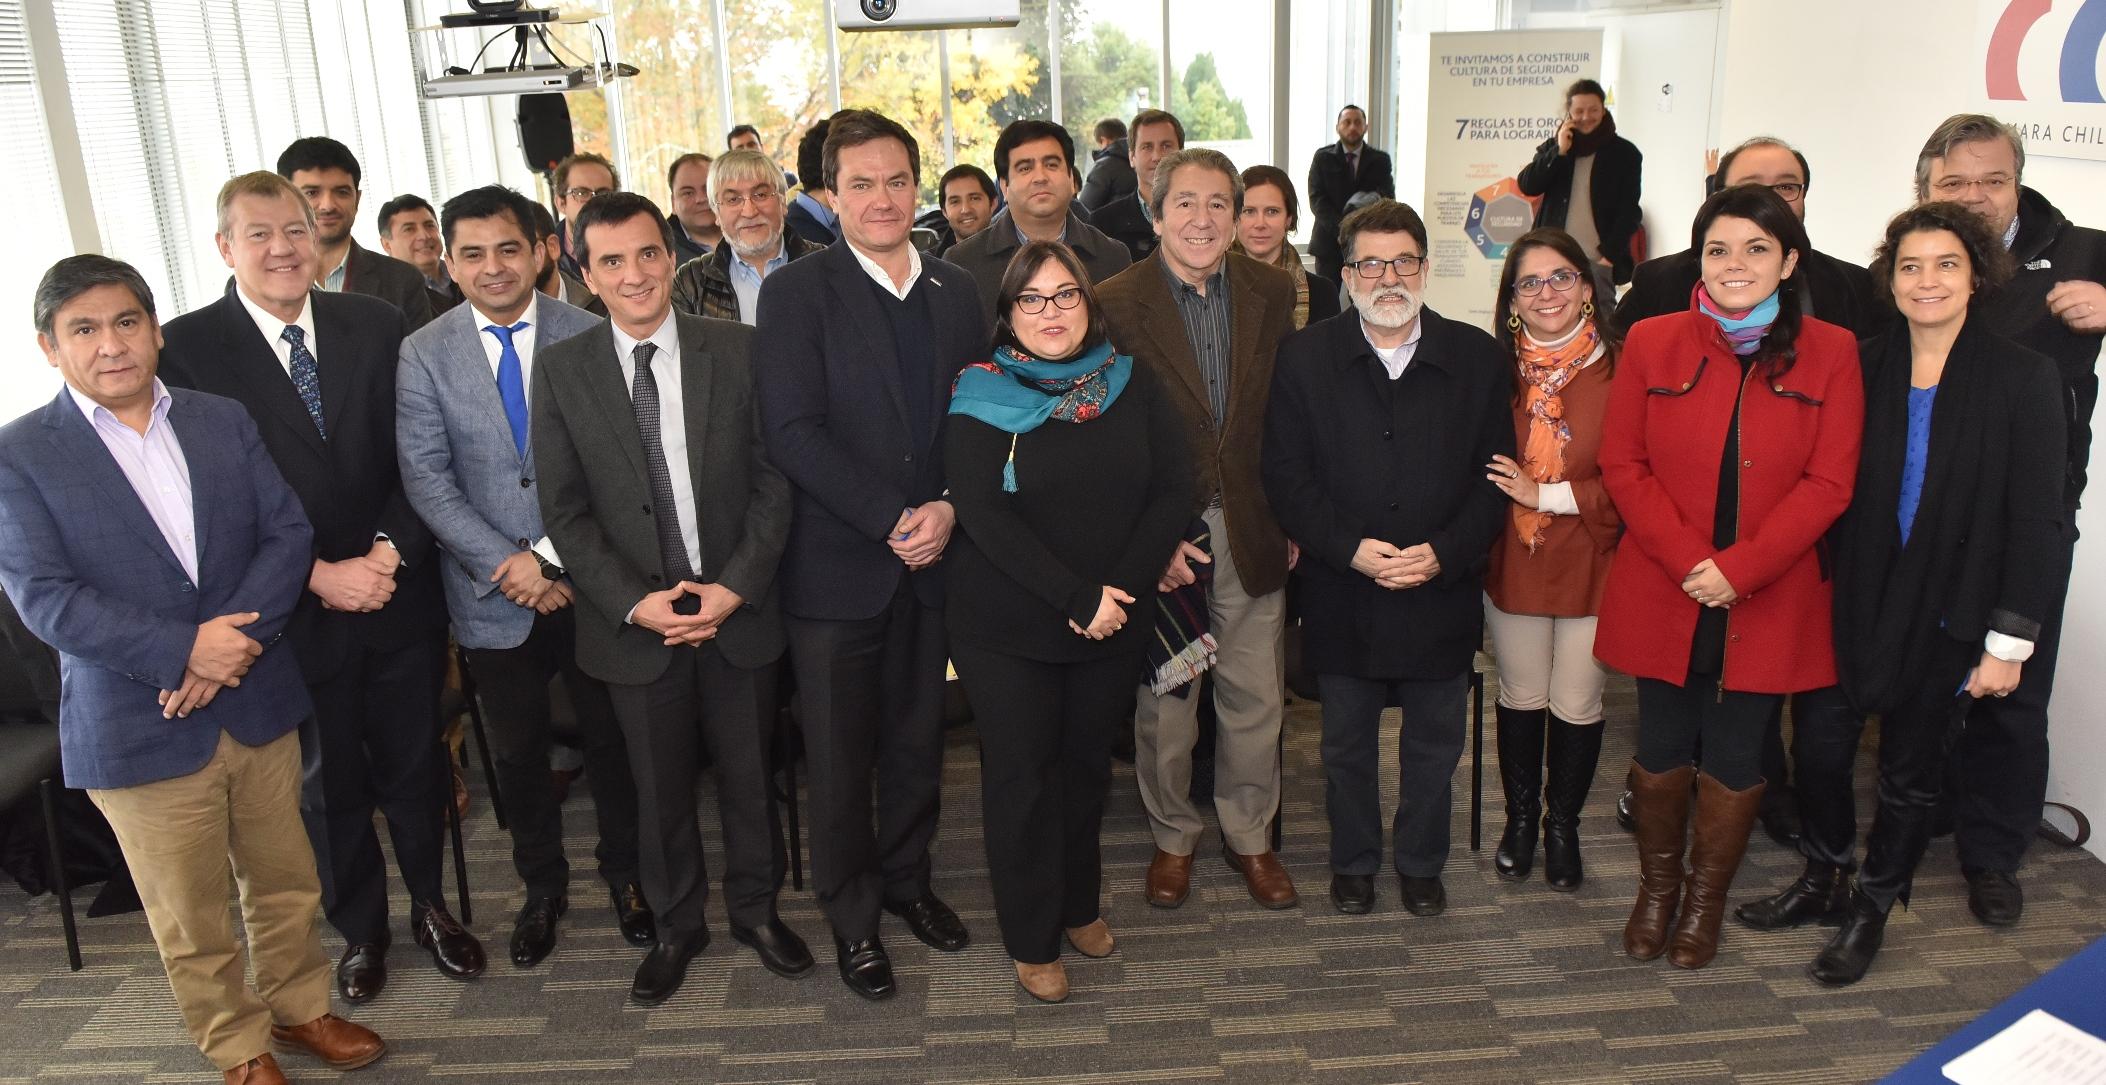 Comienza trabajo permanente entre el Gobierno Regional y la CChC para la descentralización noticias